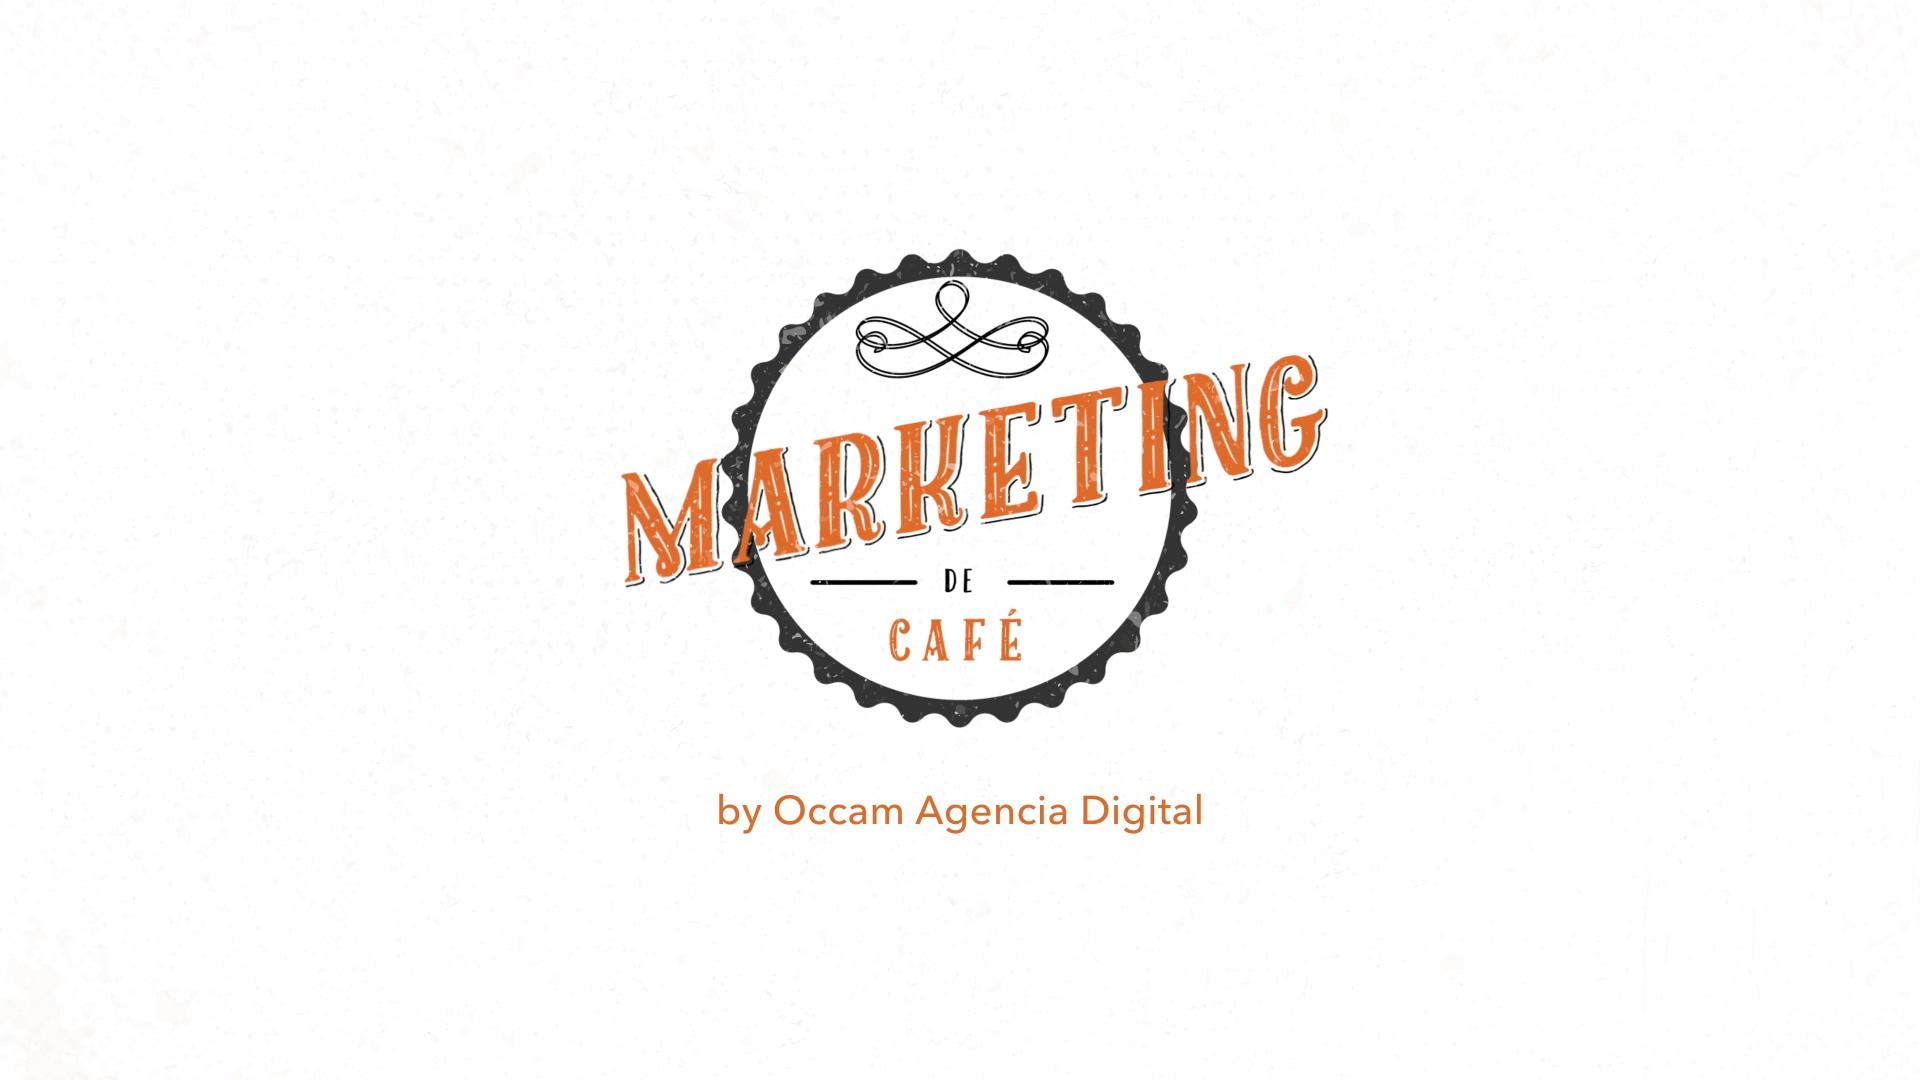 Primera charla de café ¿QUÉ ES EL INBOUND MARKETING Pildora1-MarketingdeCafe